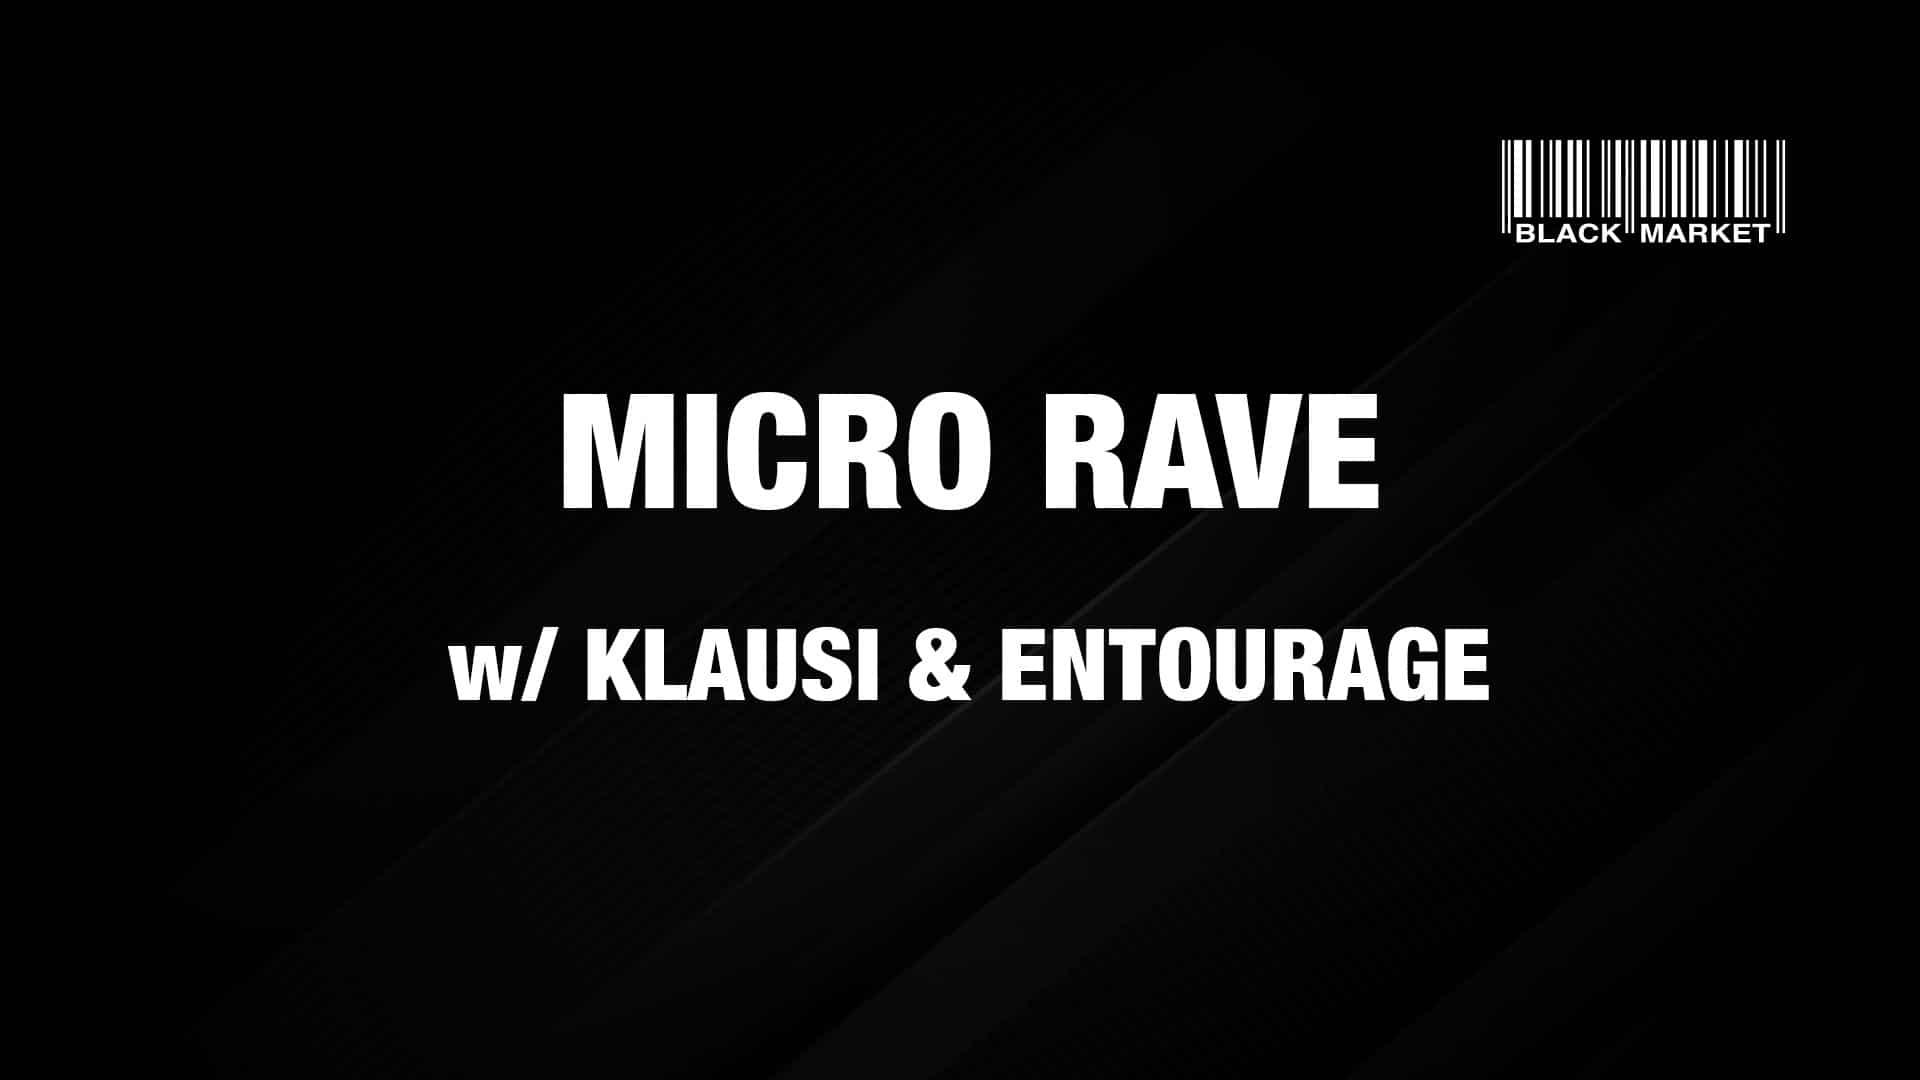 Events Wien: MICRO RAVE #1 w/ Klausi & Entourage